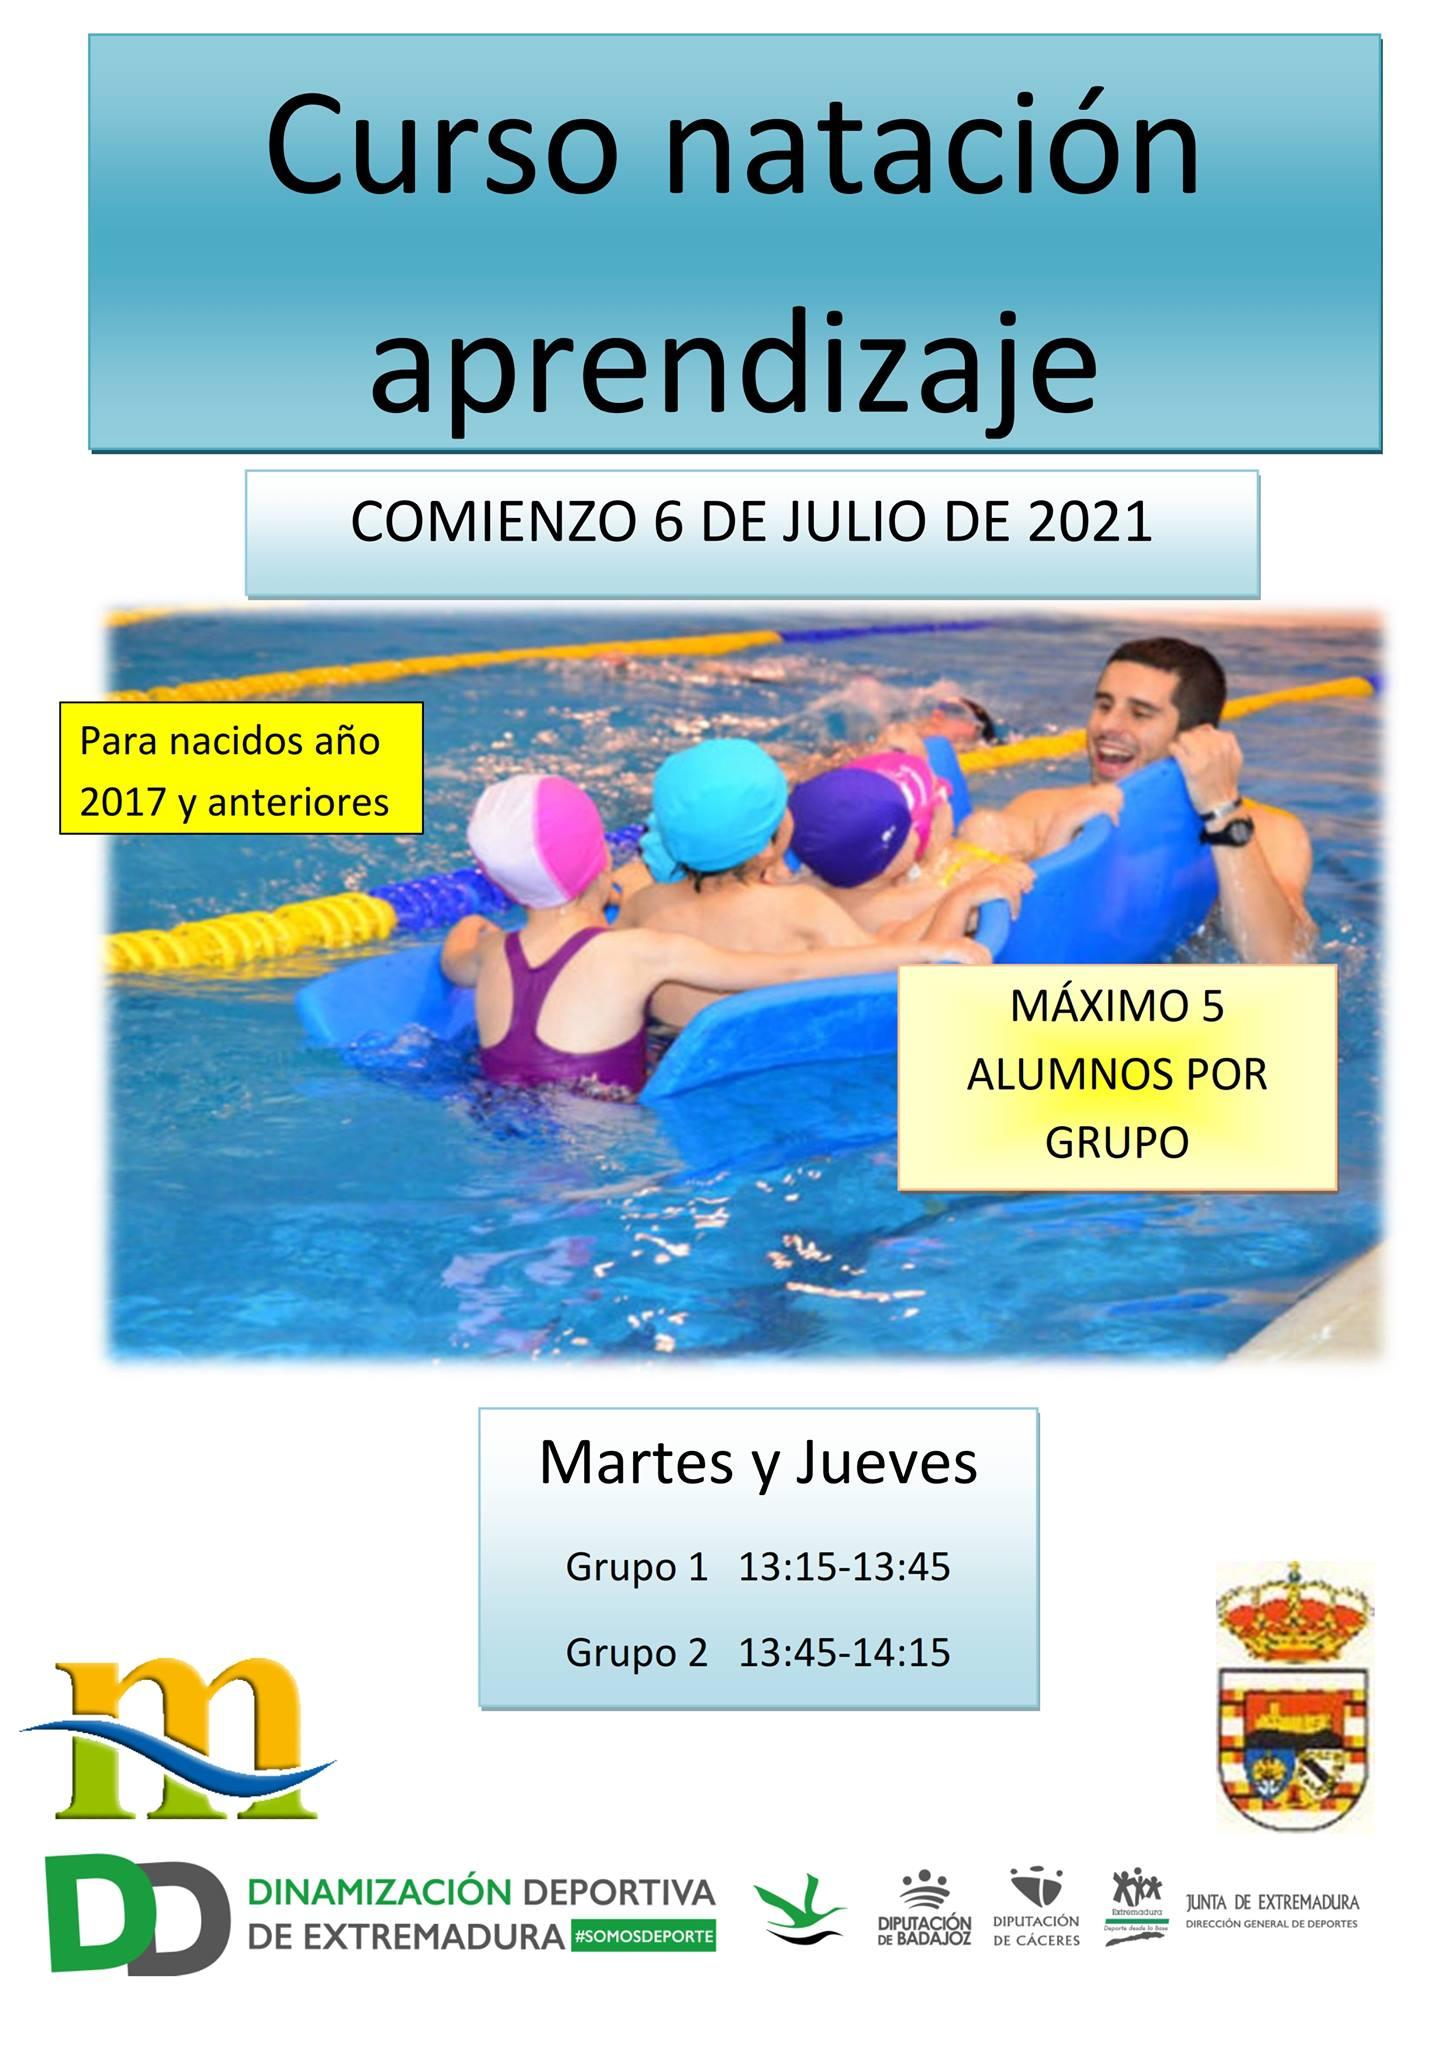 Curso de natación de aprendizaje (2021) - Puebla de Alcocer (Badajoz)